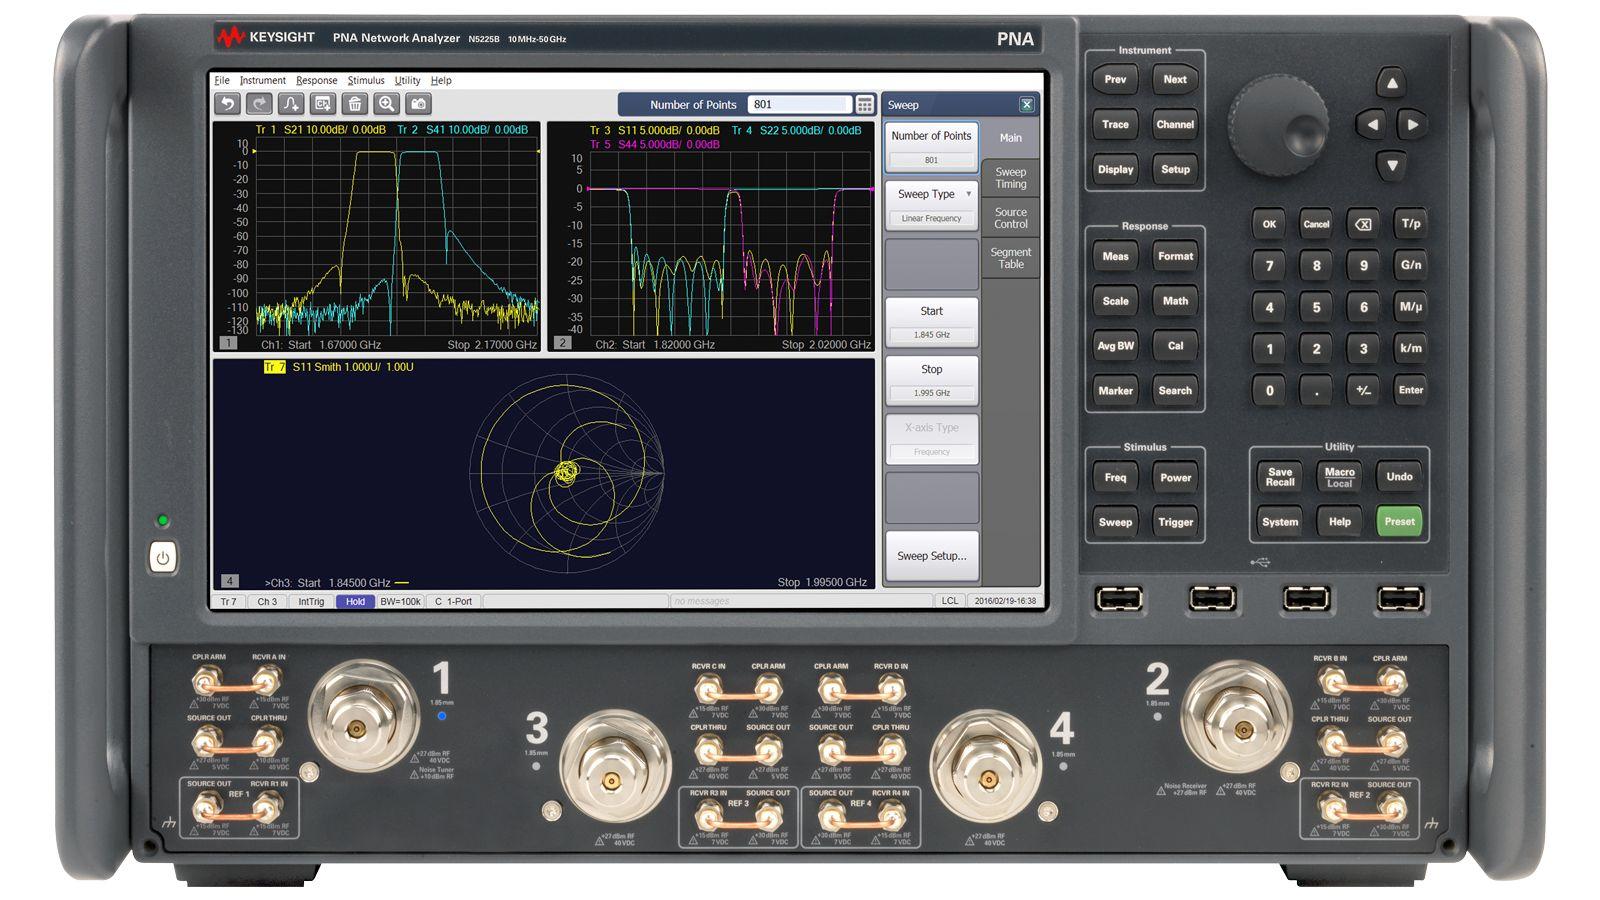 N5225B PNA微波网络分析仪